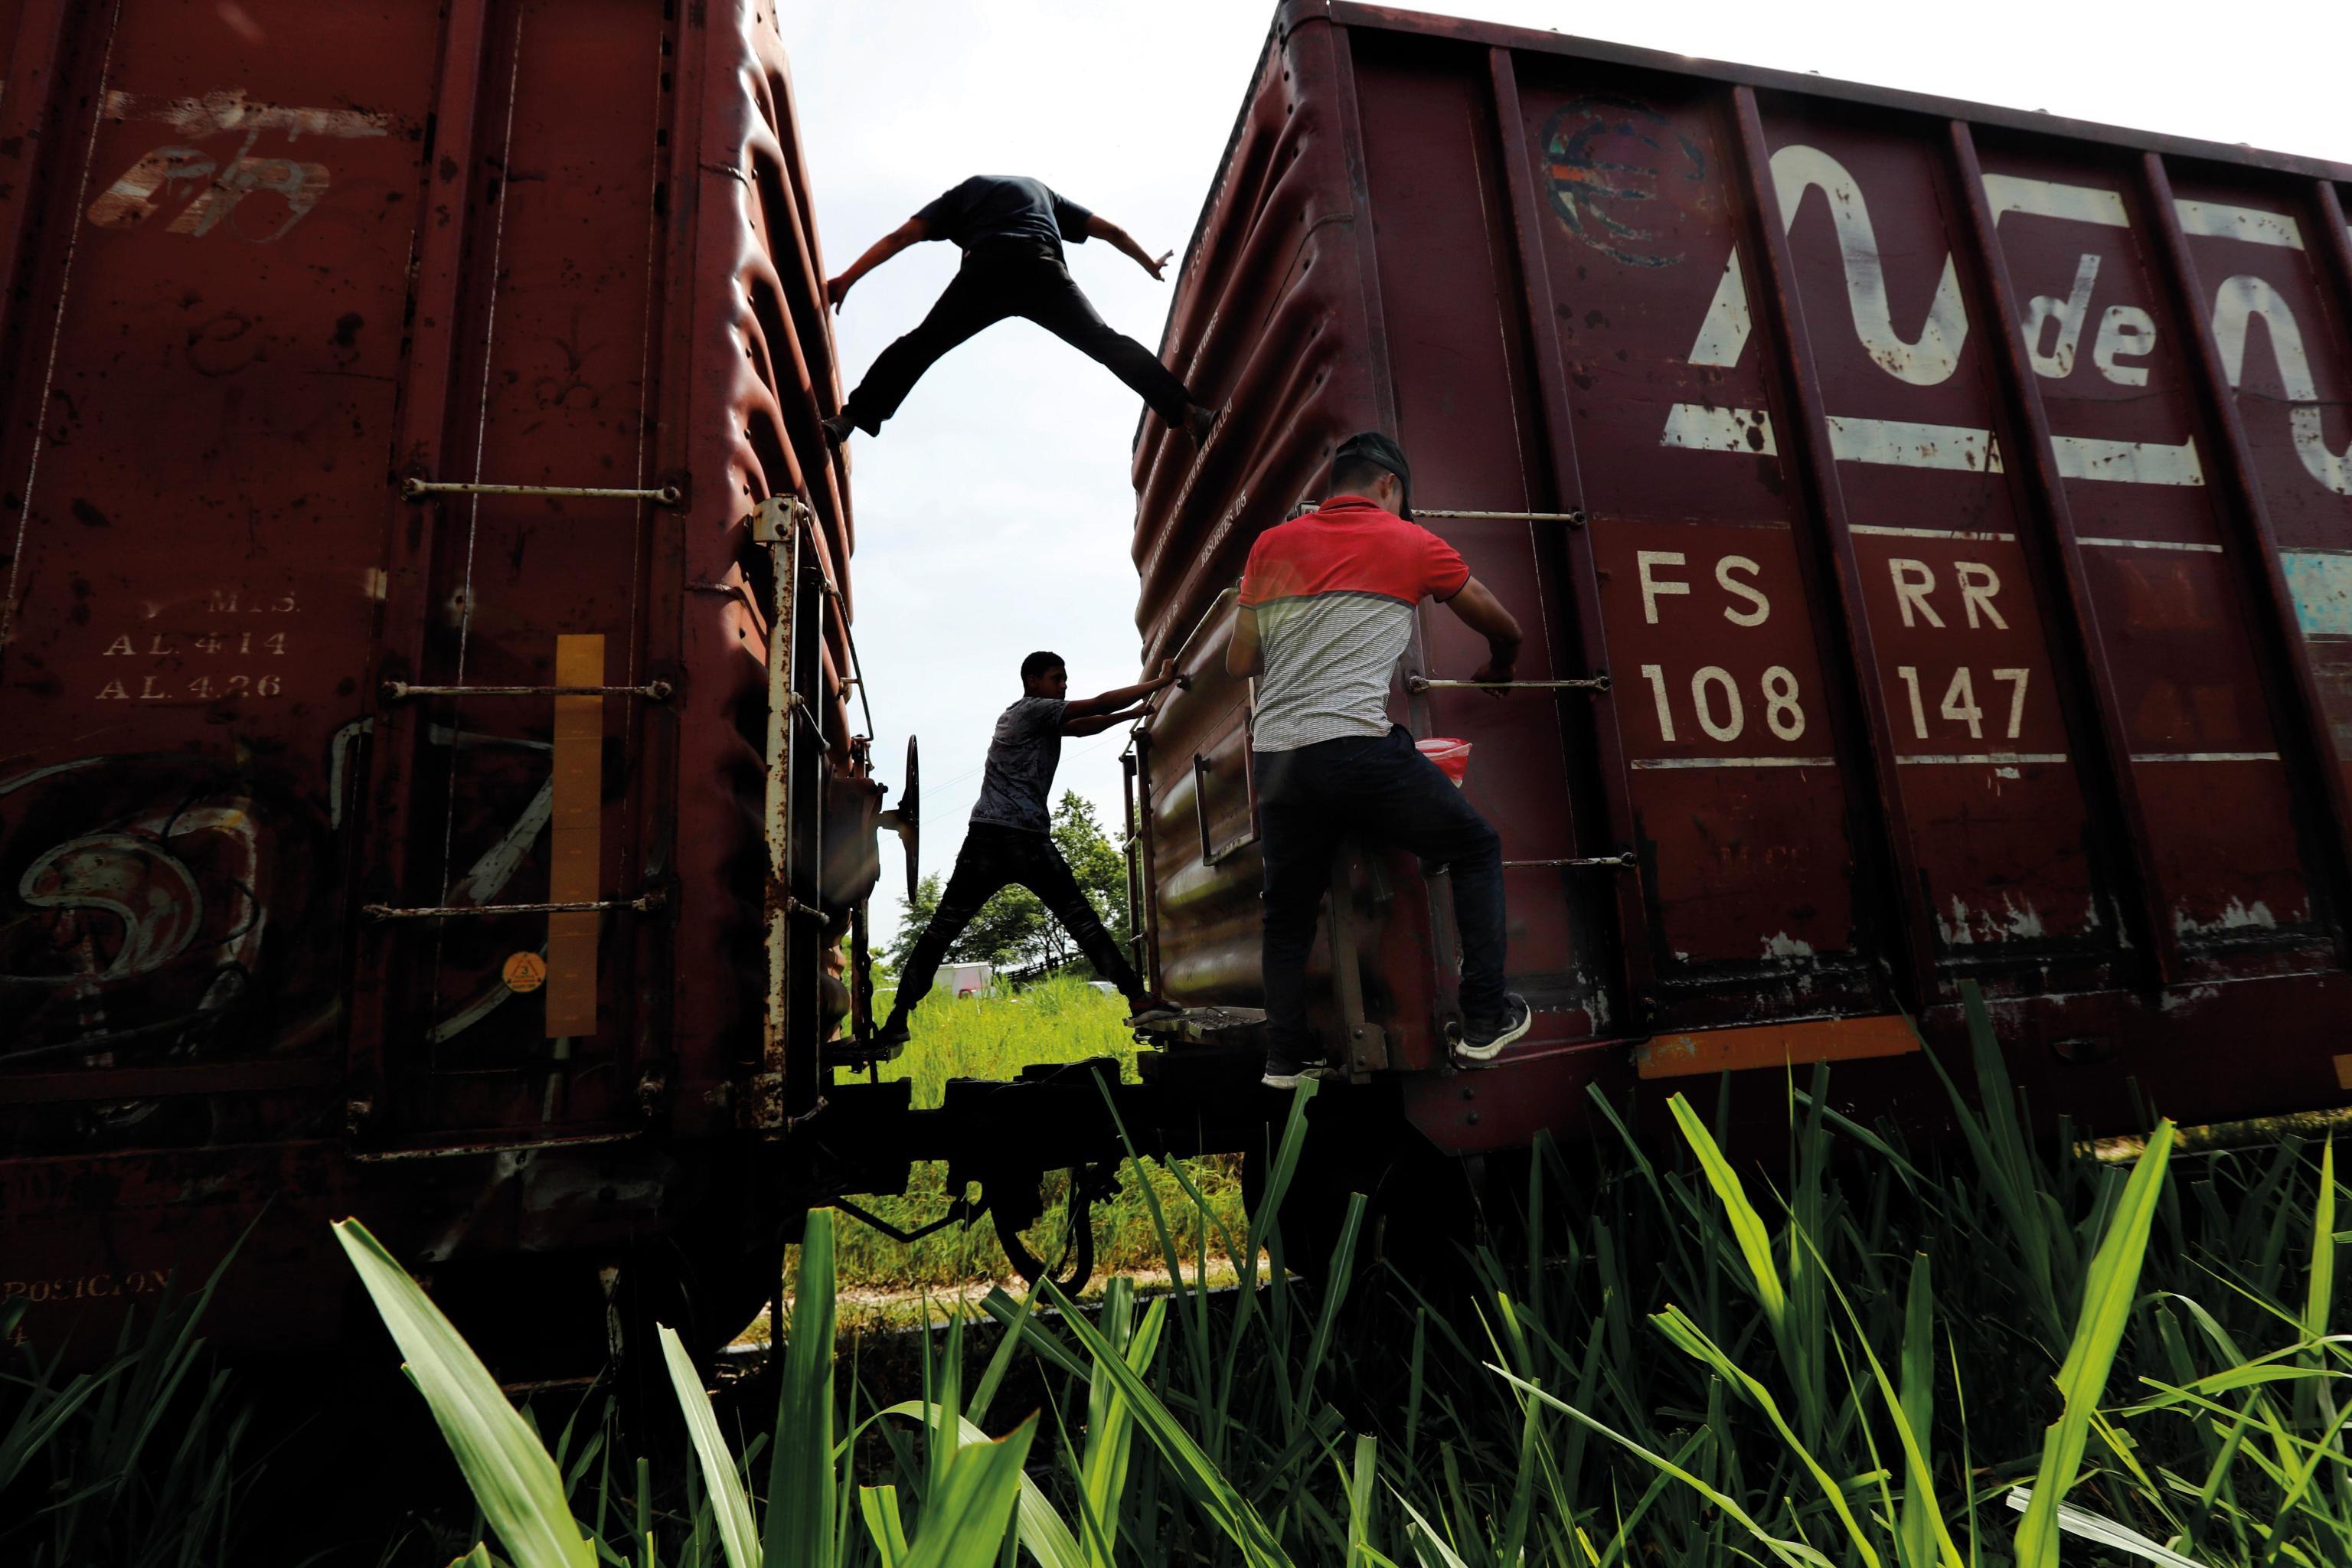 Migranti, 25 giugno: continua l'esodo dal Messico verso gli Stati Uniti. Il governo di Città del Messico ha impegnato 6.500 guardie nazionali e 15.000 soldati lungo il confine per arginare il fenomeno